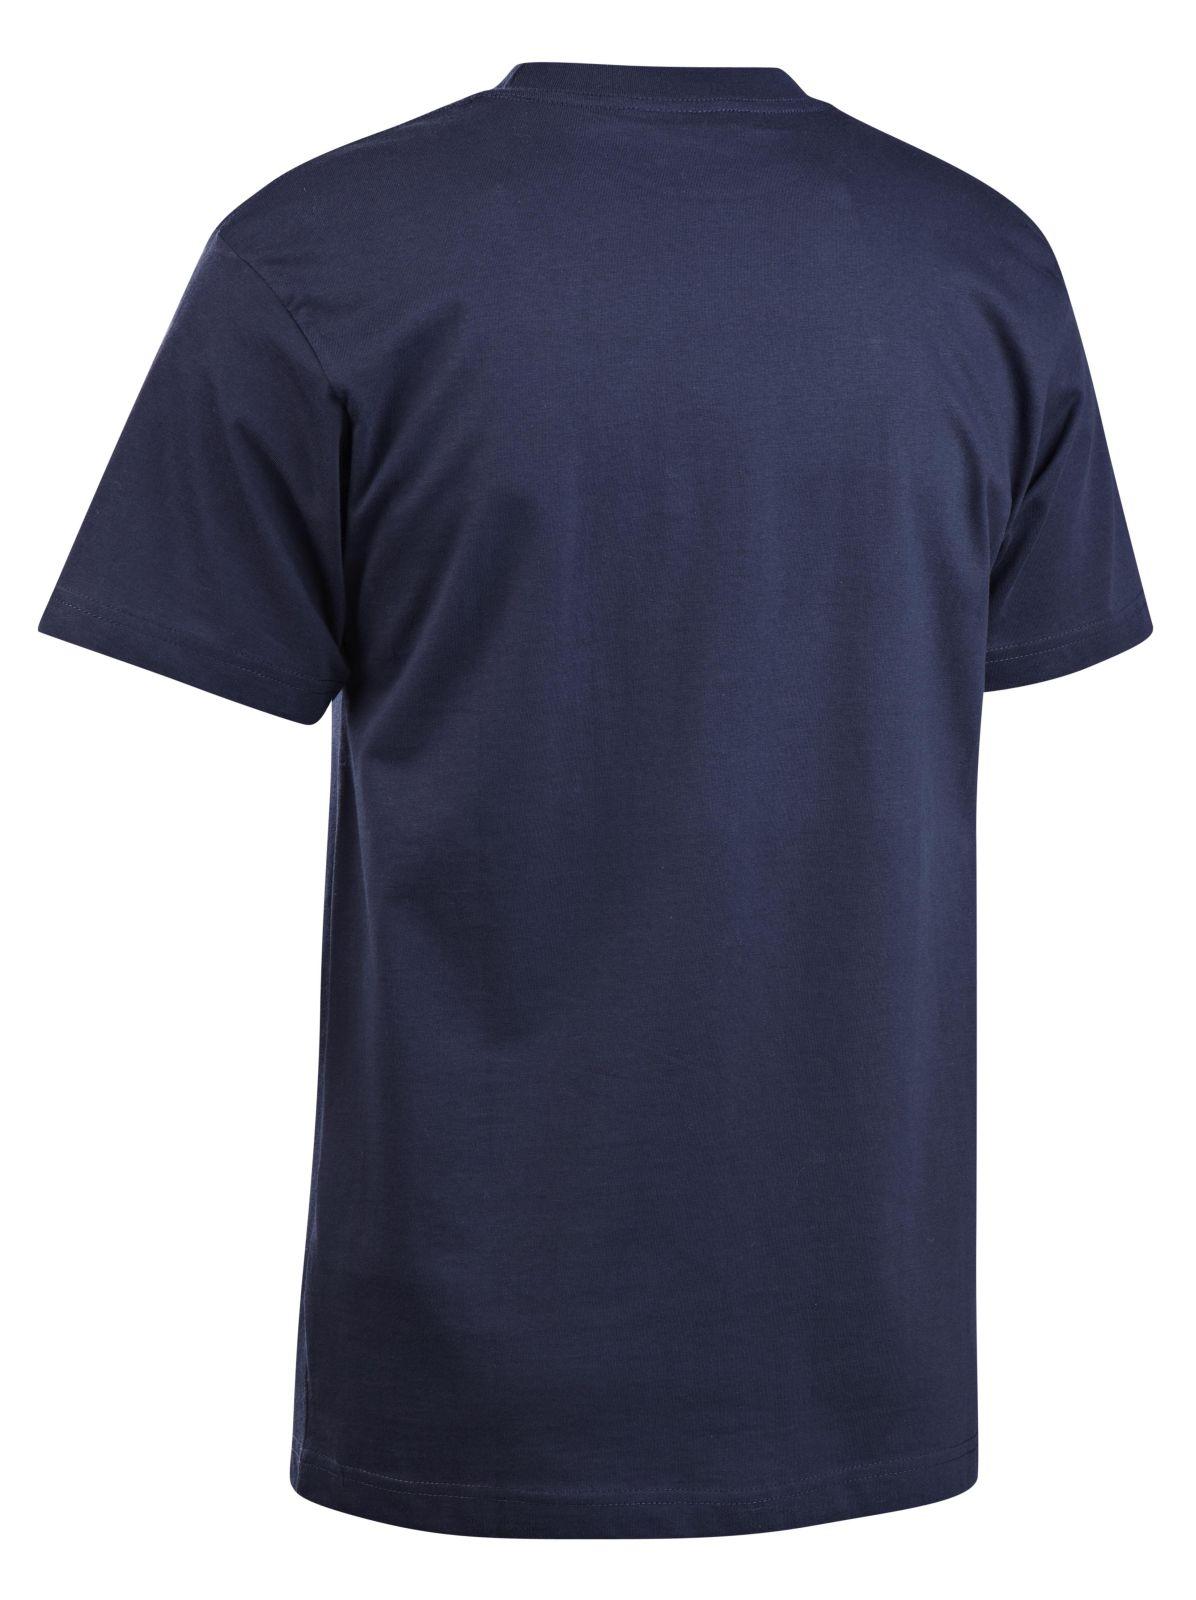 Blaklader T-shirts 33001030 marineblauw(8800)